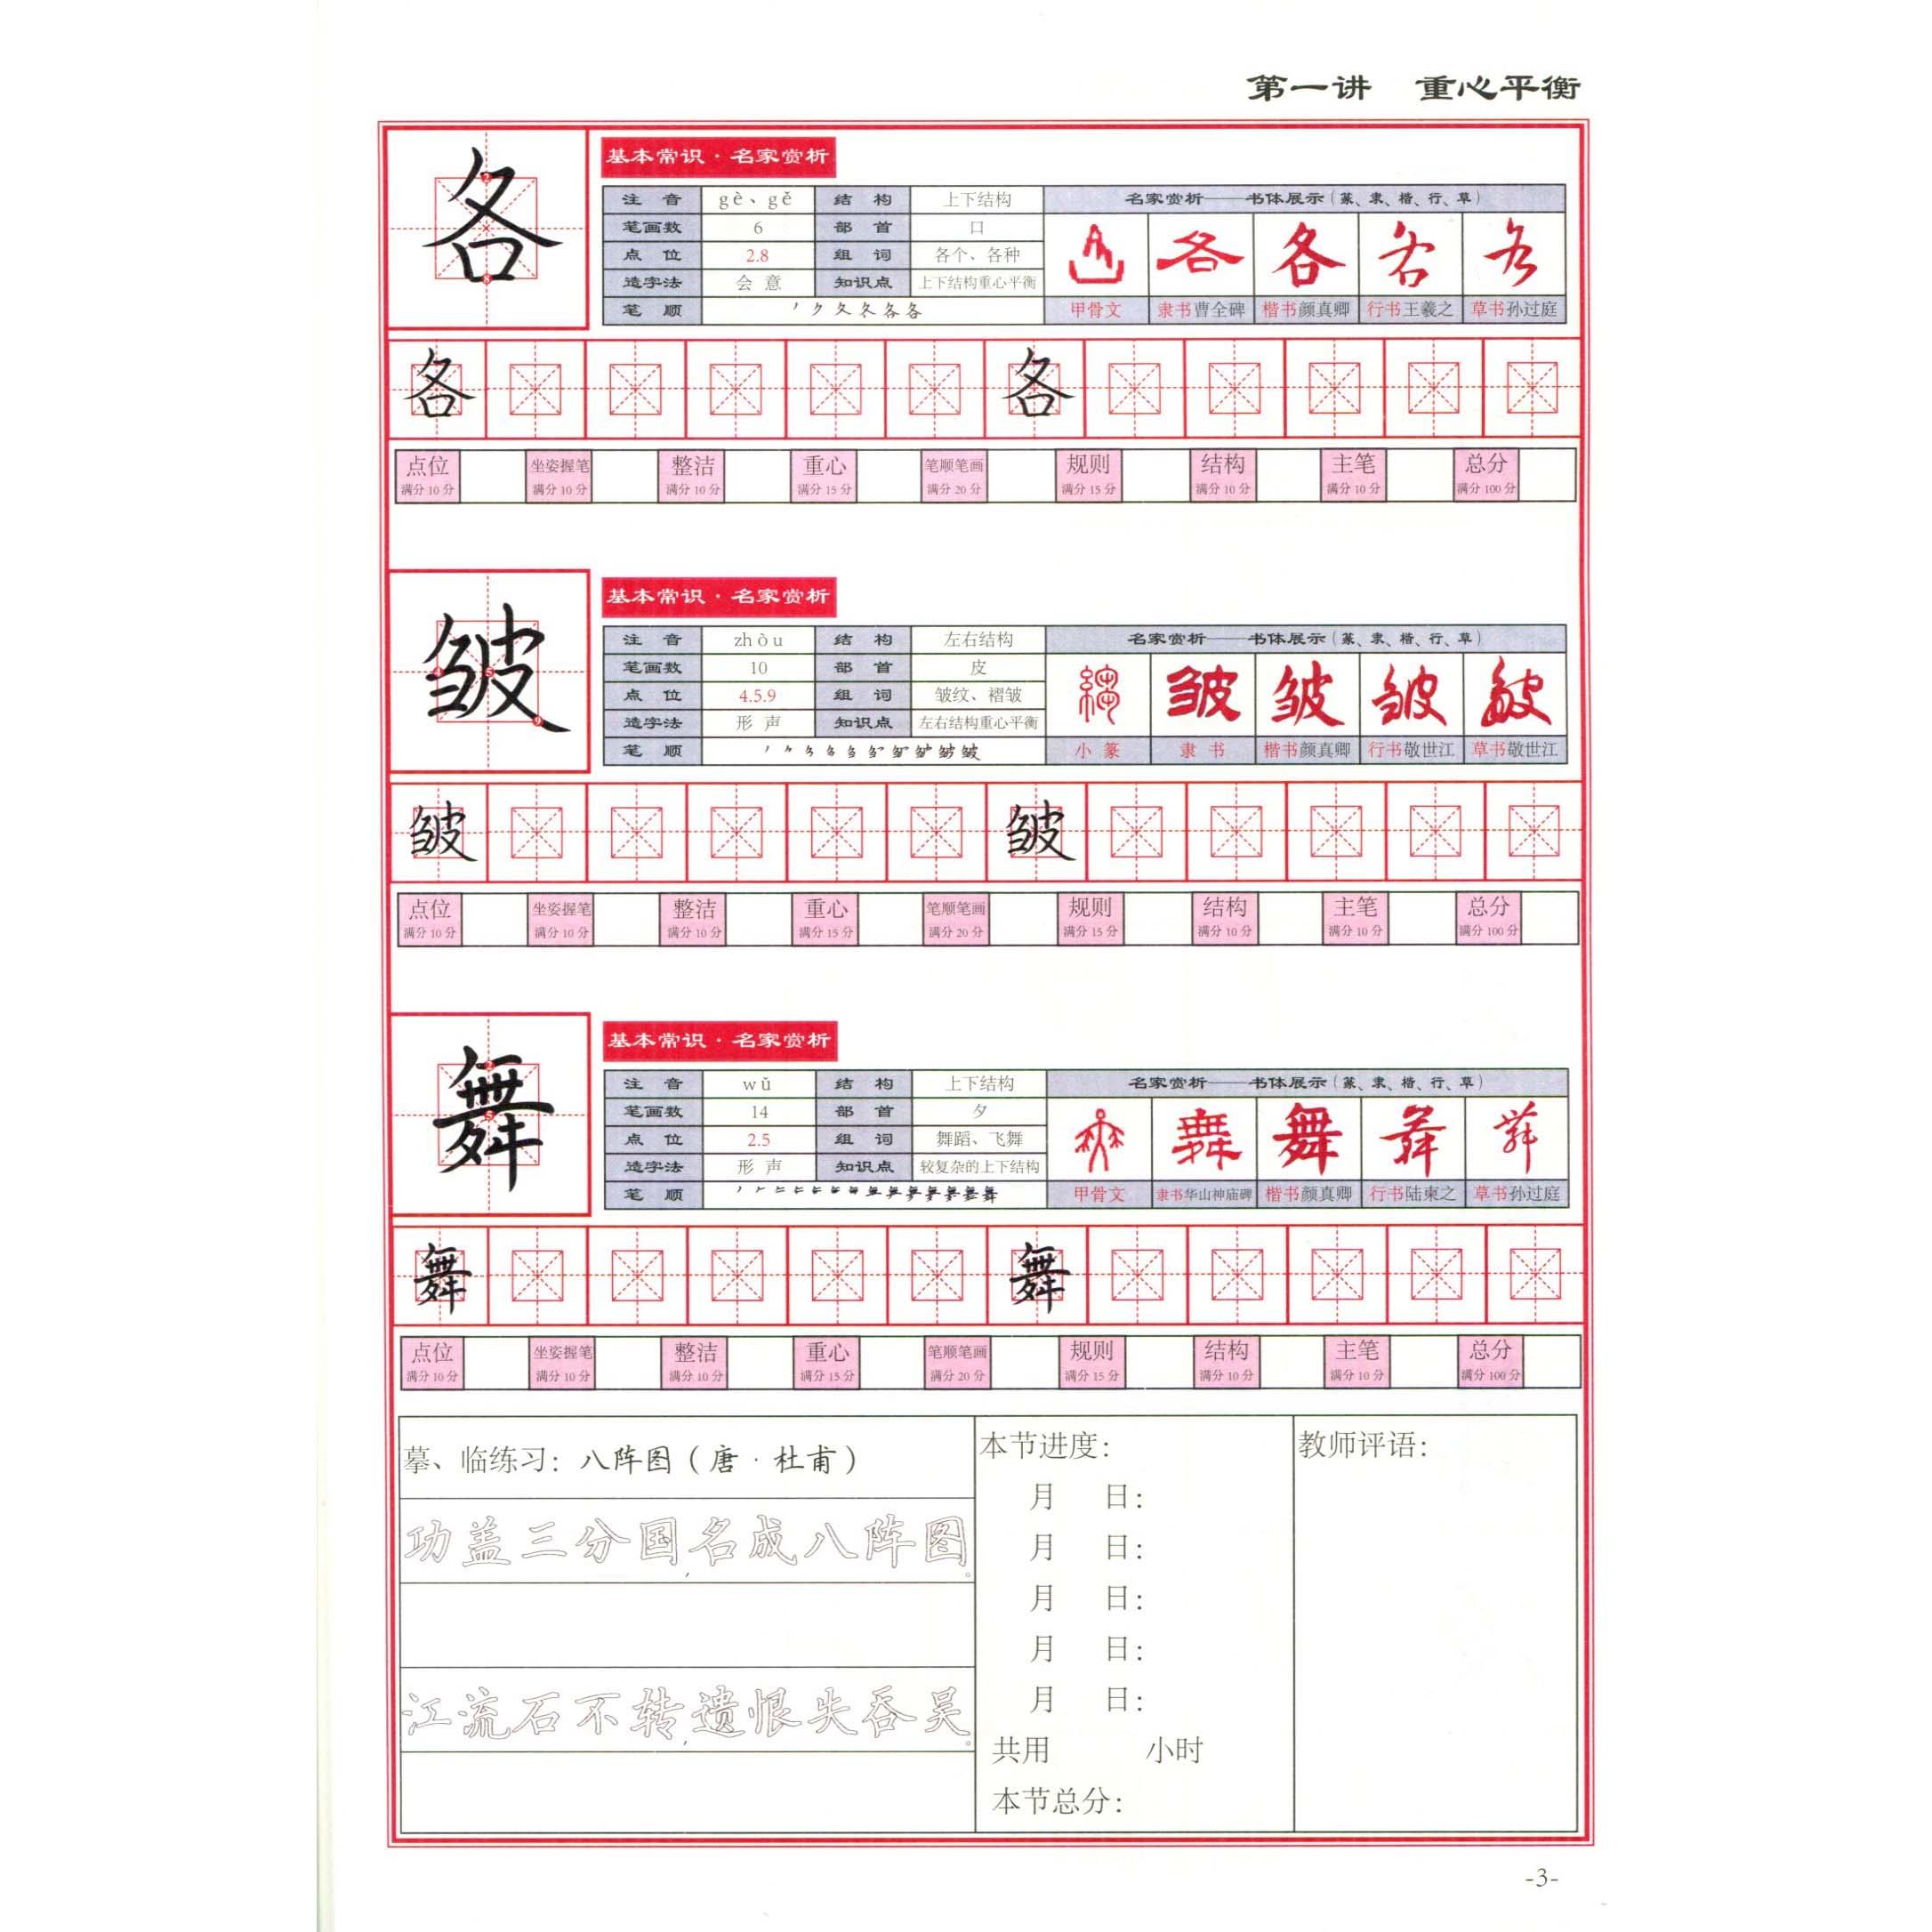 全方法硬笔楷书教程 汉字的结构规则 吉建忠 硬笔楷书入门教程书籍